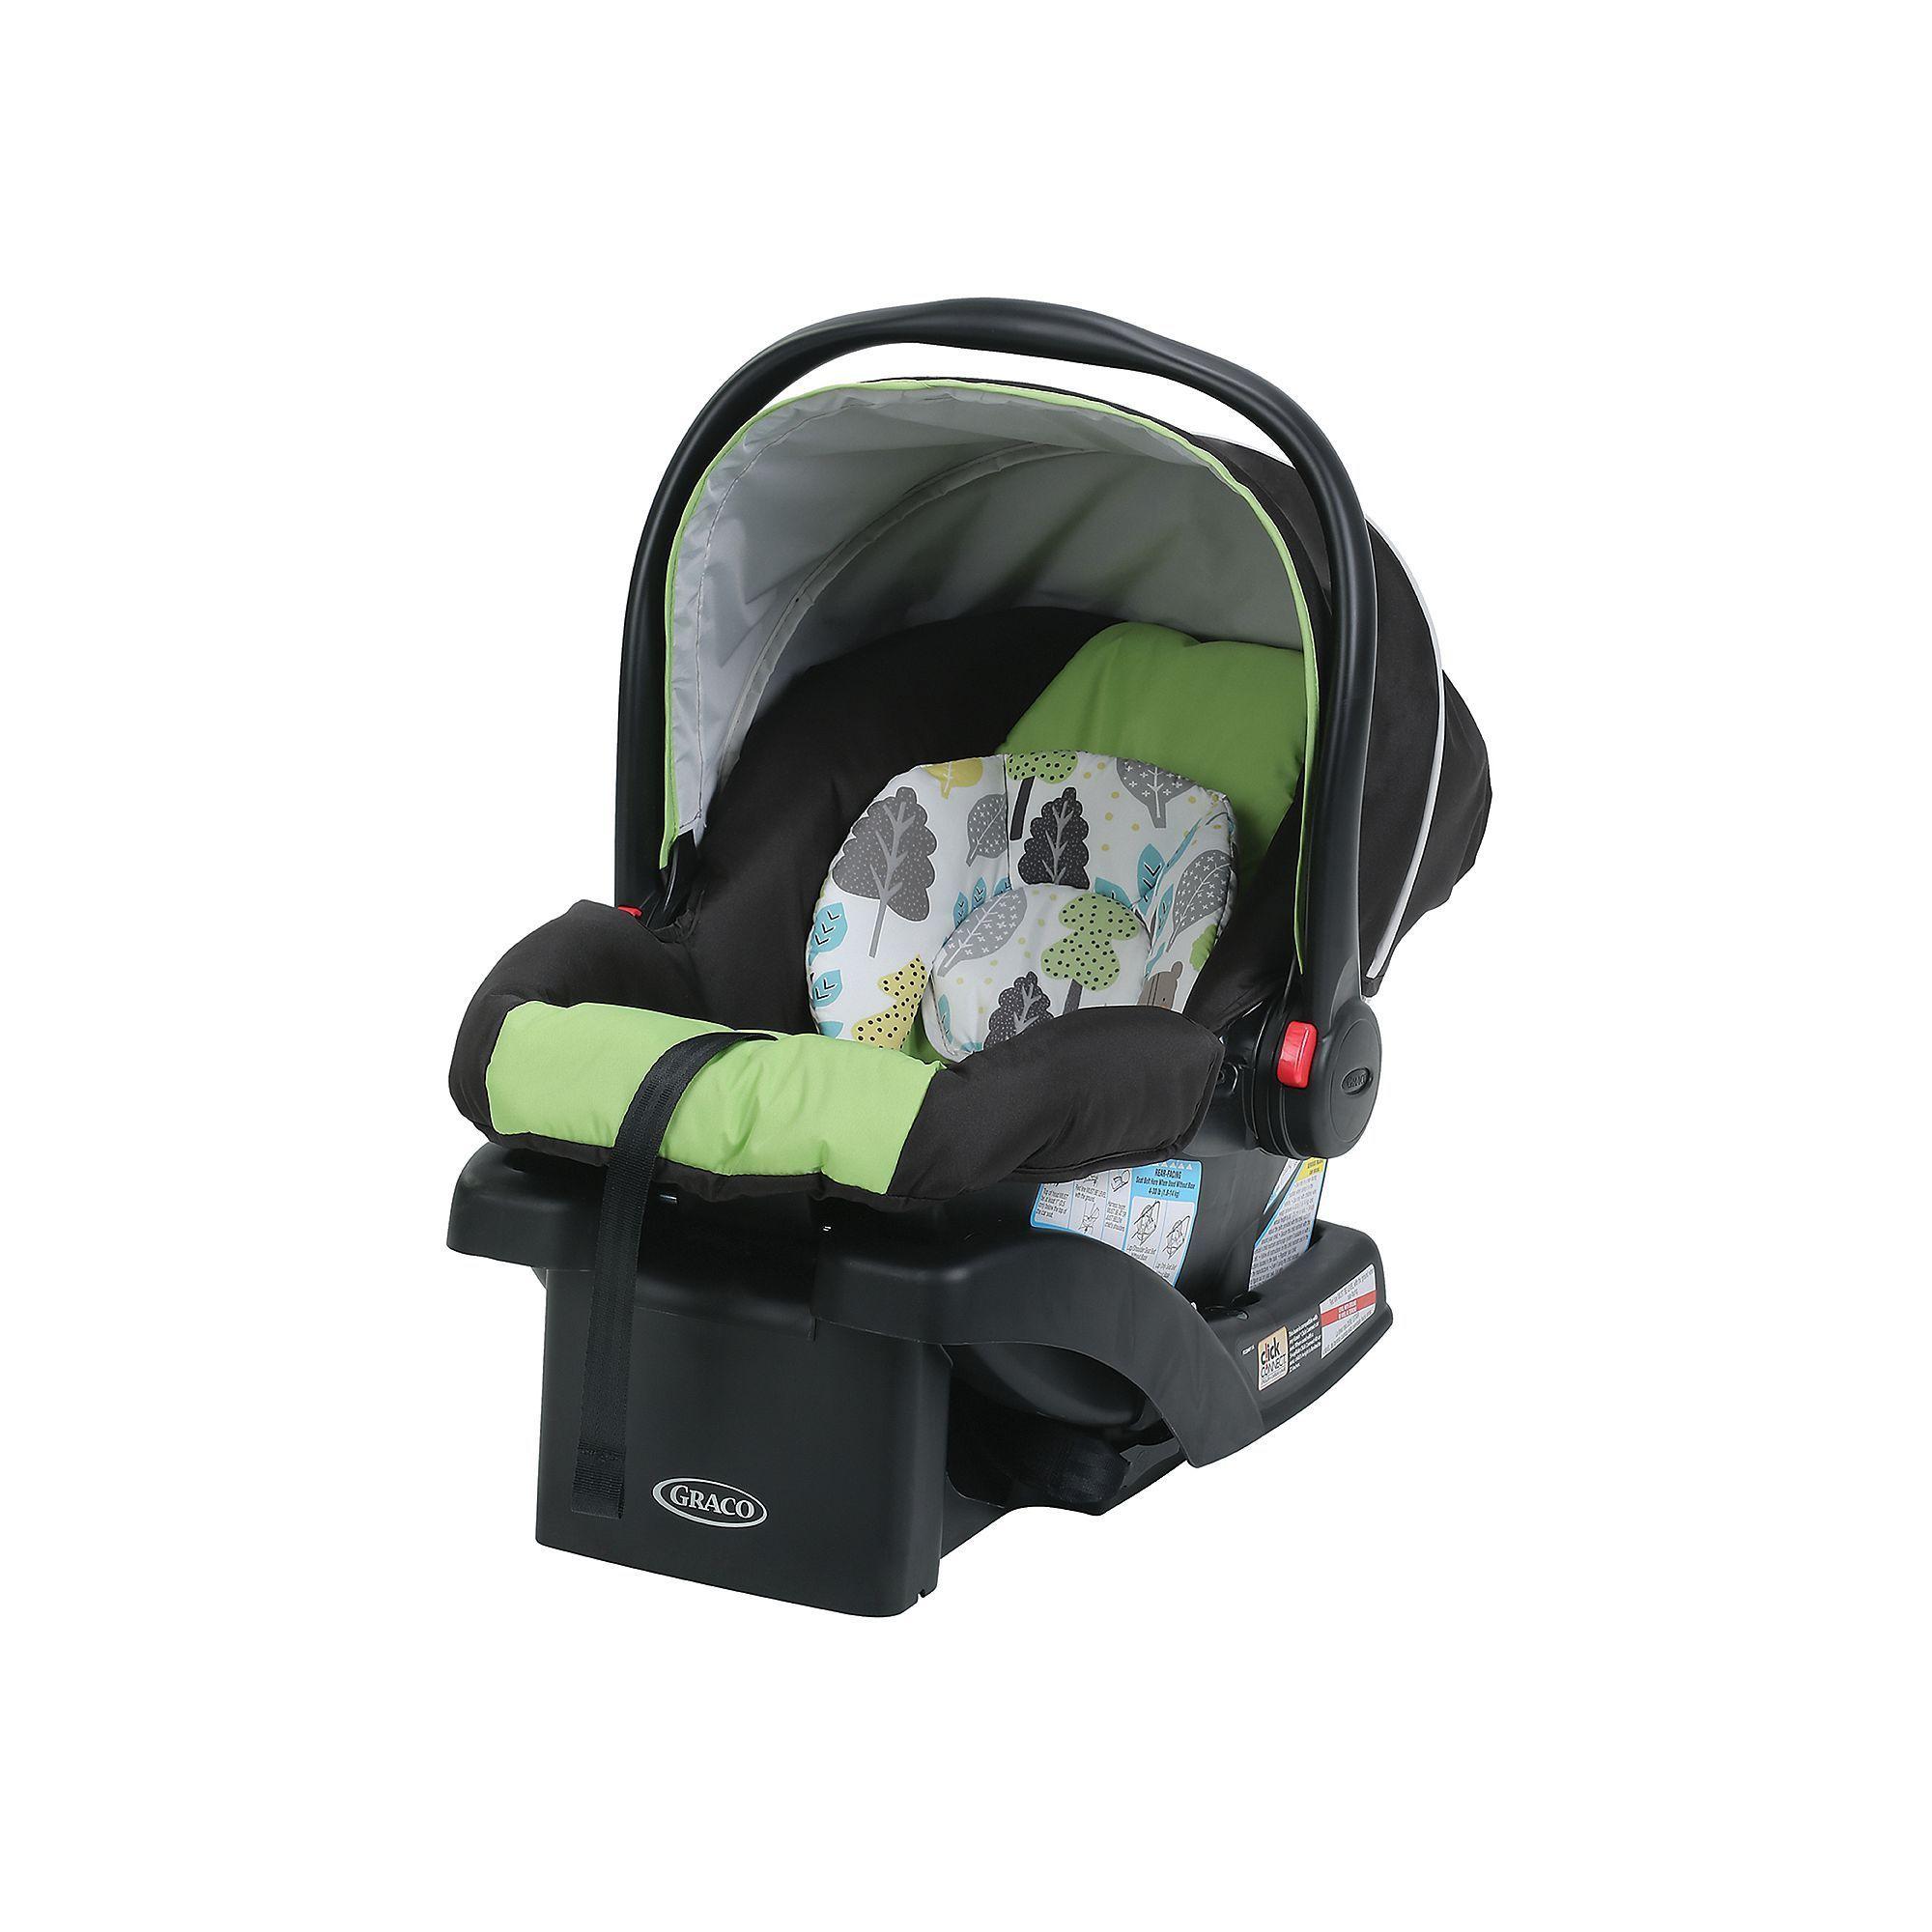 Graco SnugRide Click Connect 30 Infant Car Seat Multicolor